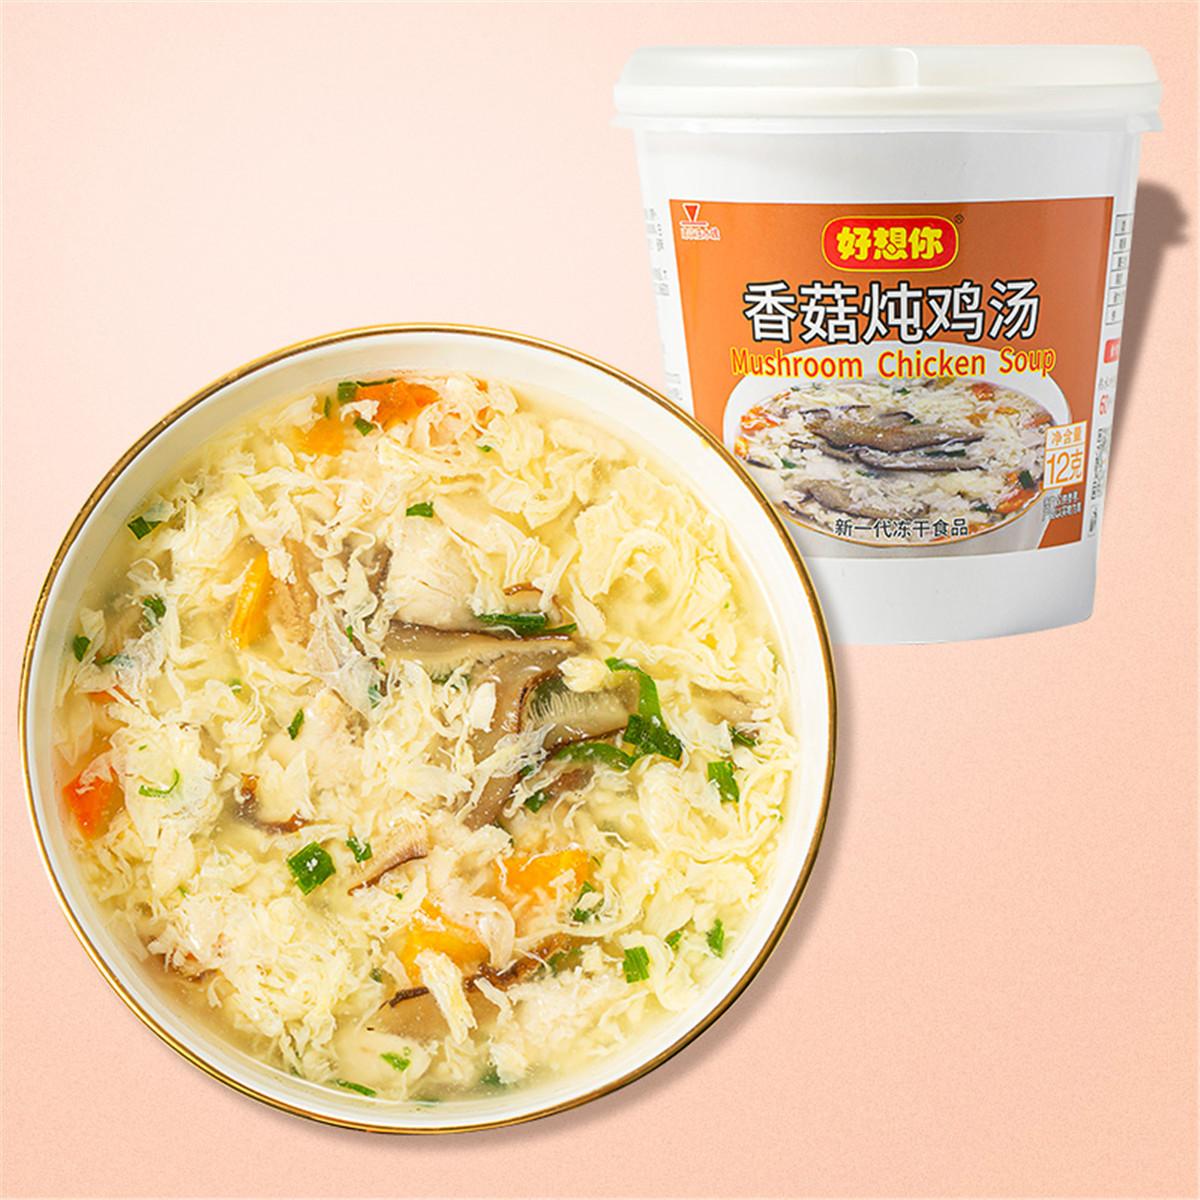 好想你【香菇炖鸡汤12gX2盒】速食汤鸡汤包汤料冲泡即食代餐COLOR其它颜色